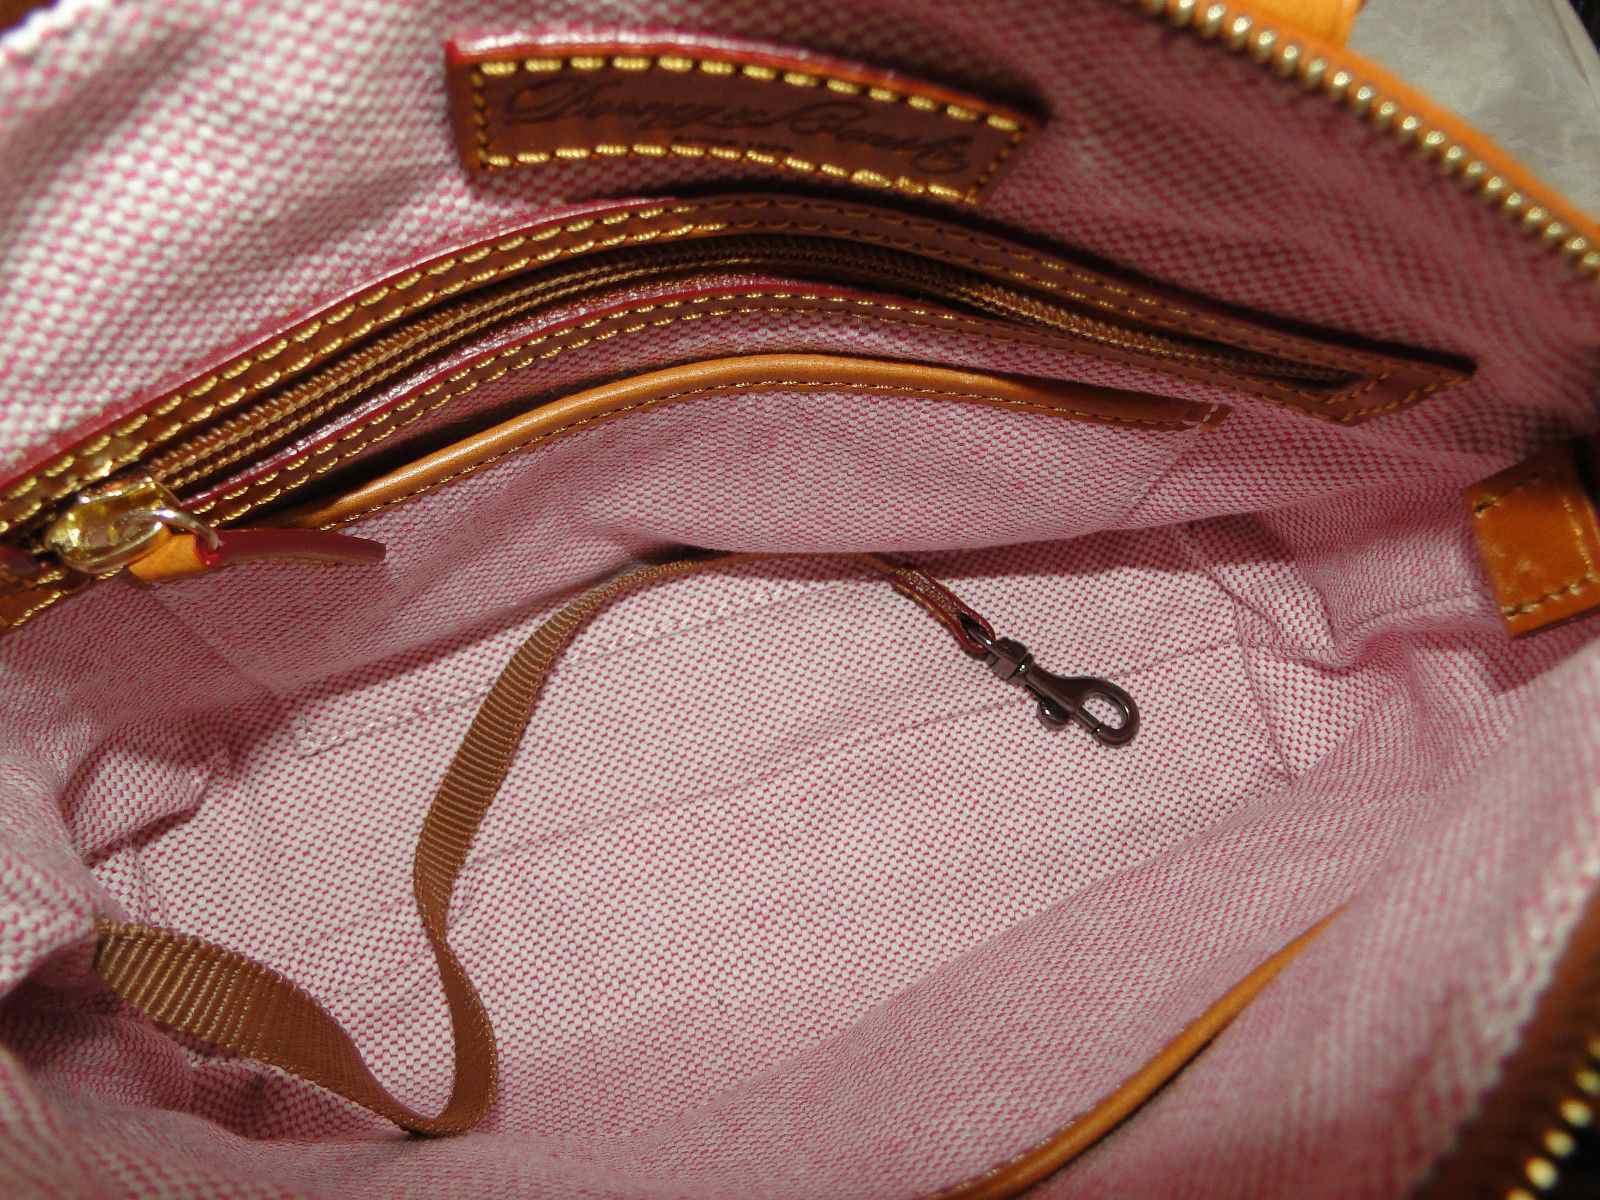 Dooney & Bourke Dillen Pebble Leather Small Crossbody Satchel